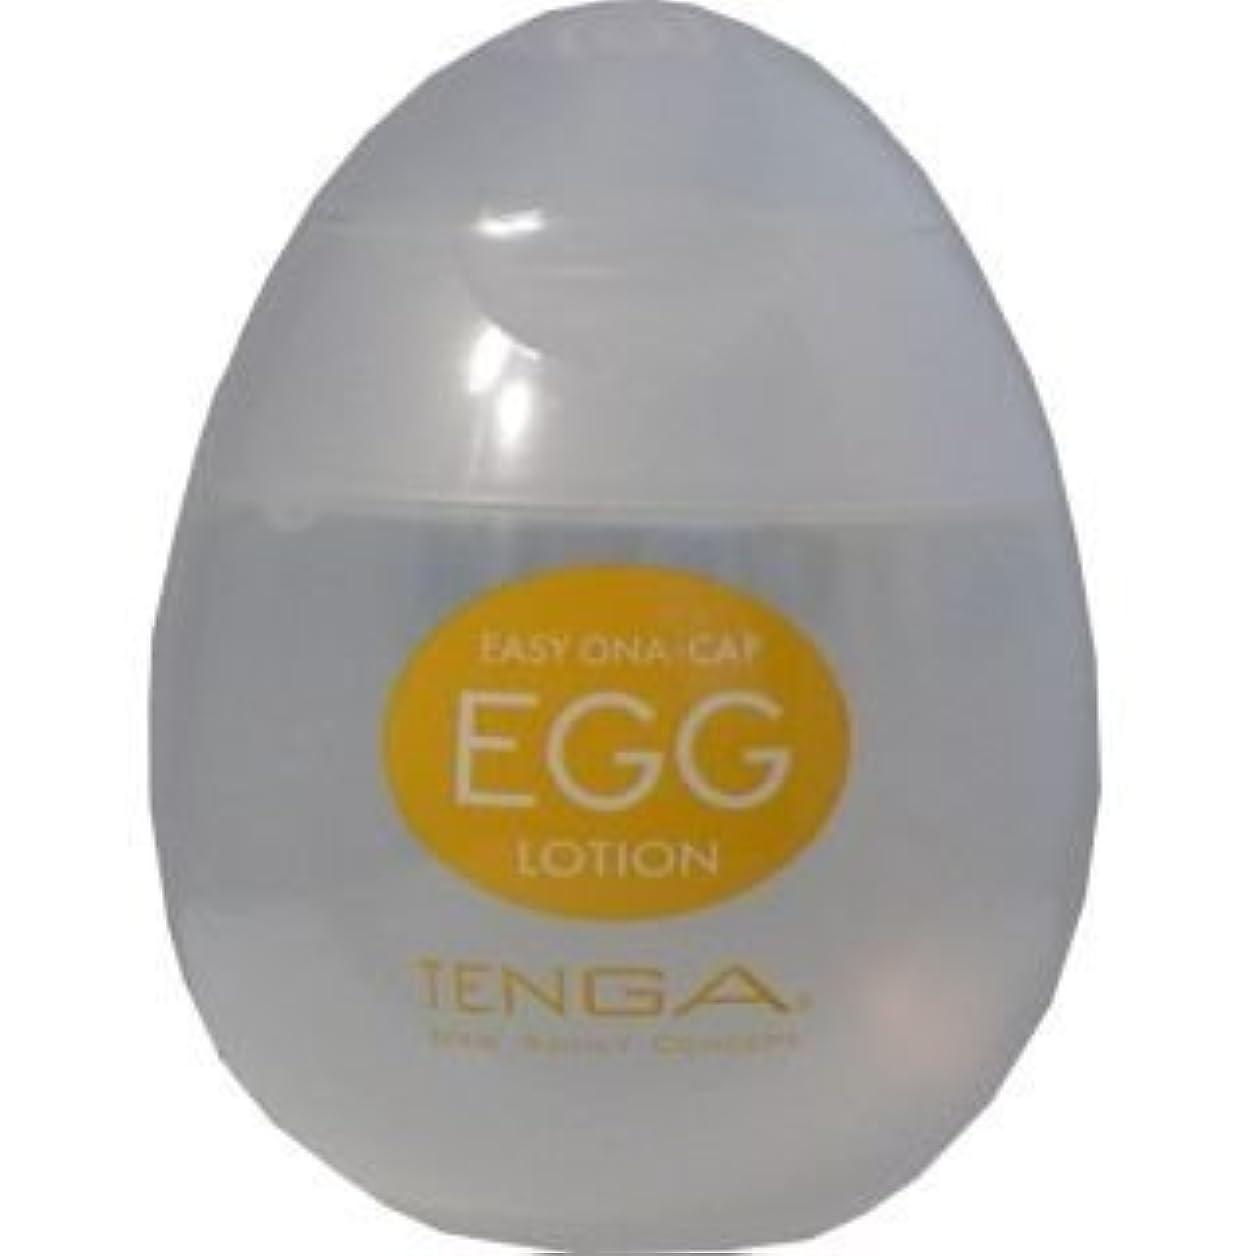 委員会線共和国保湿成分配合で潤い長持ち!TENGA(テンガ) EGG LOTION(エッグローション) EGGL-001【2個セット】